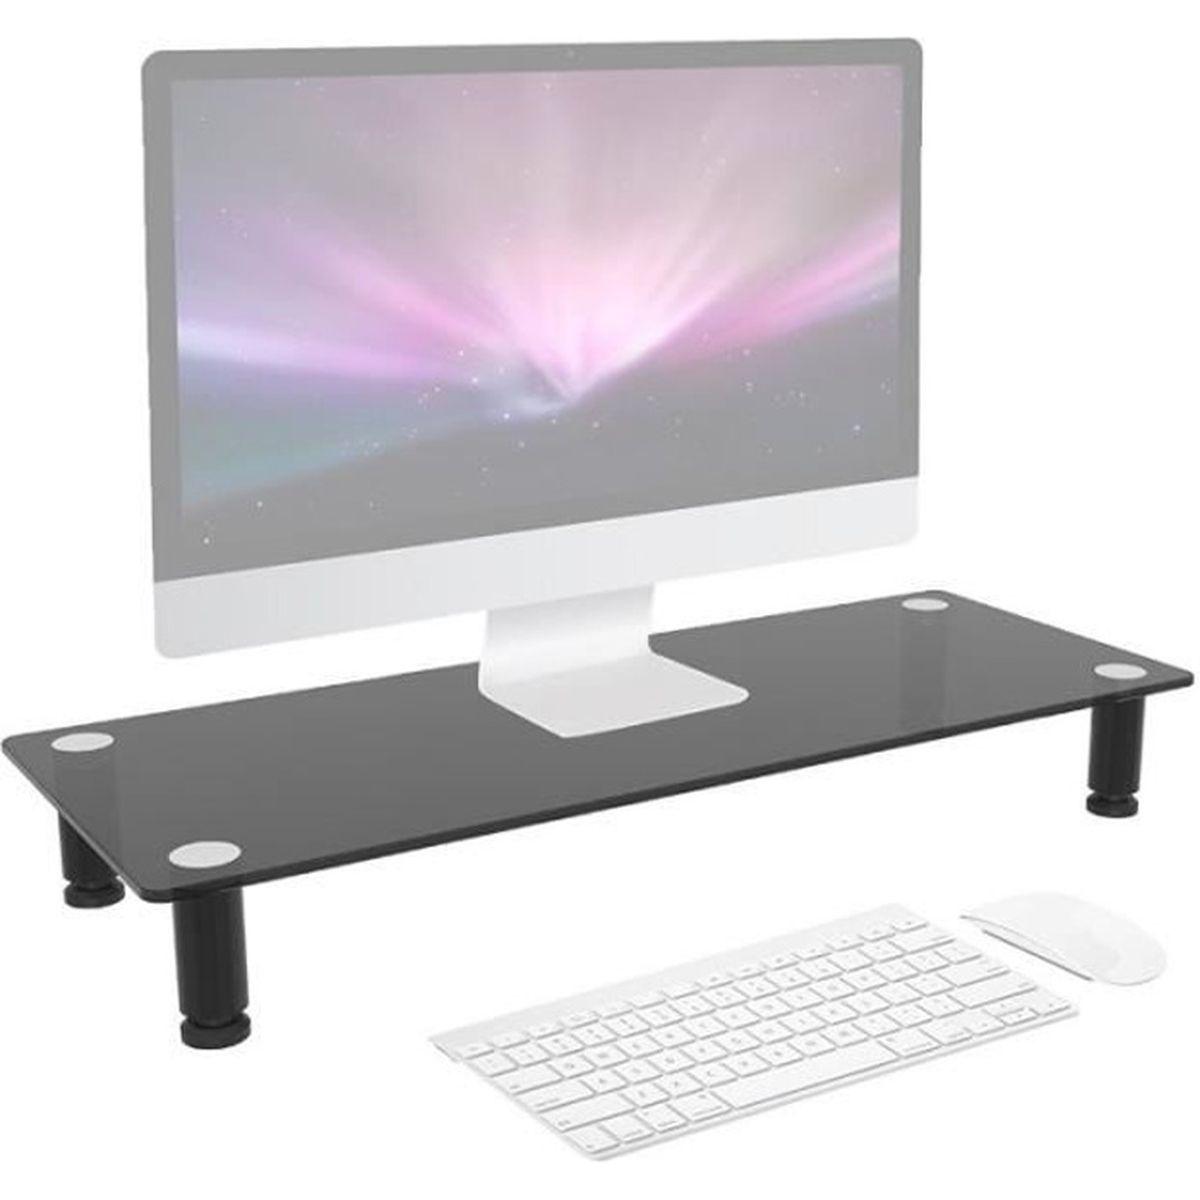 duronic dm052 2 r hausseur d 39 cran support en verre pour cran d 39 ordinateur ou ordinateur. Black Bedroom Furniture Sets. Home Design Ideas